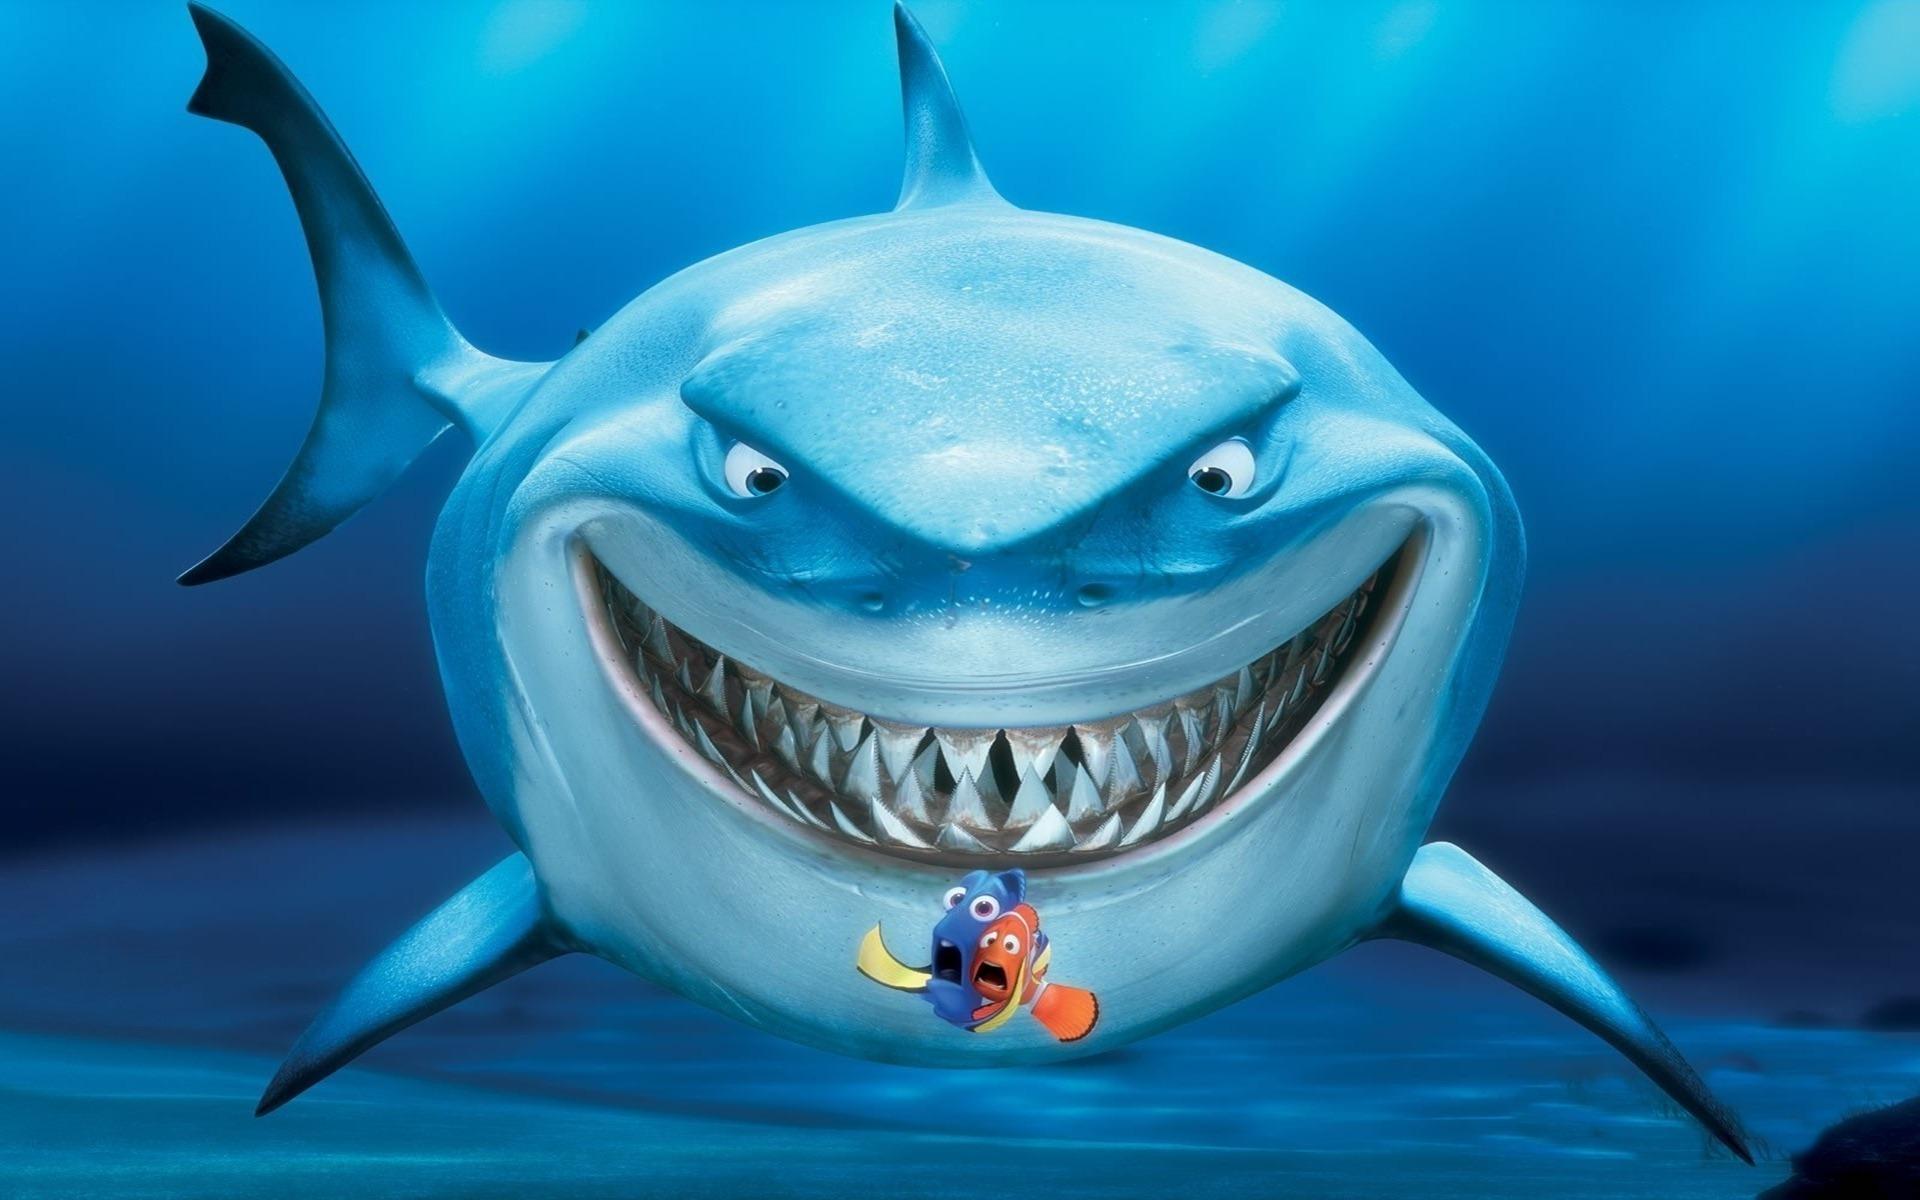 shark-from-finding-nemo